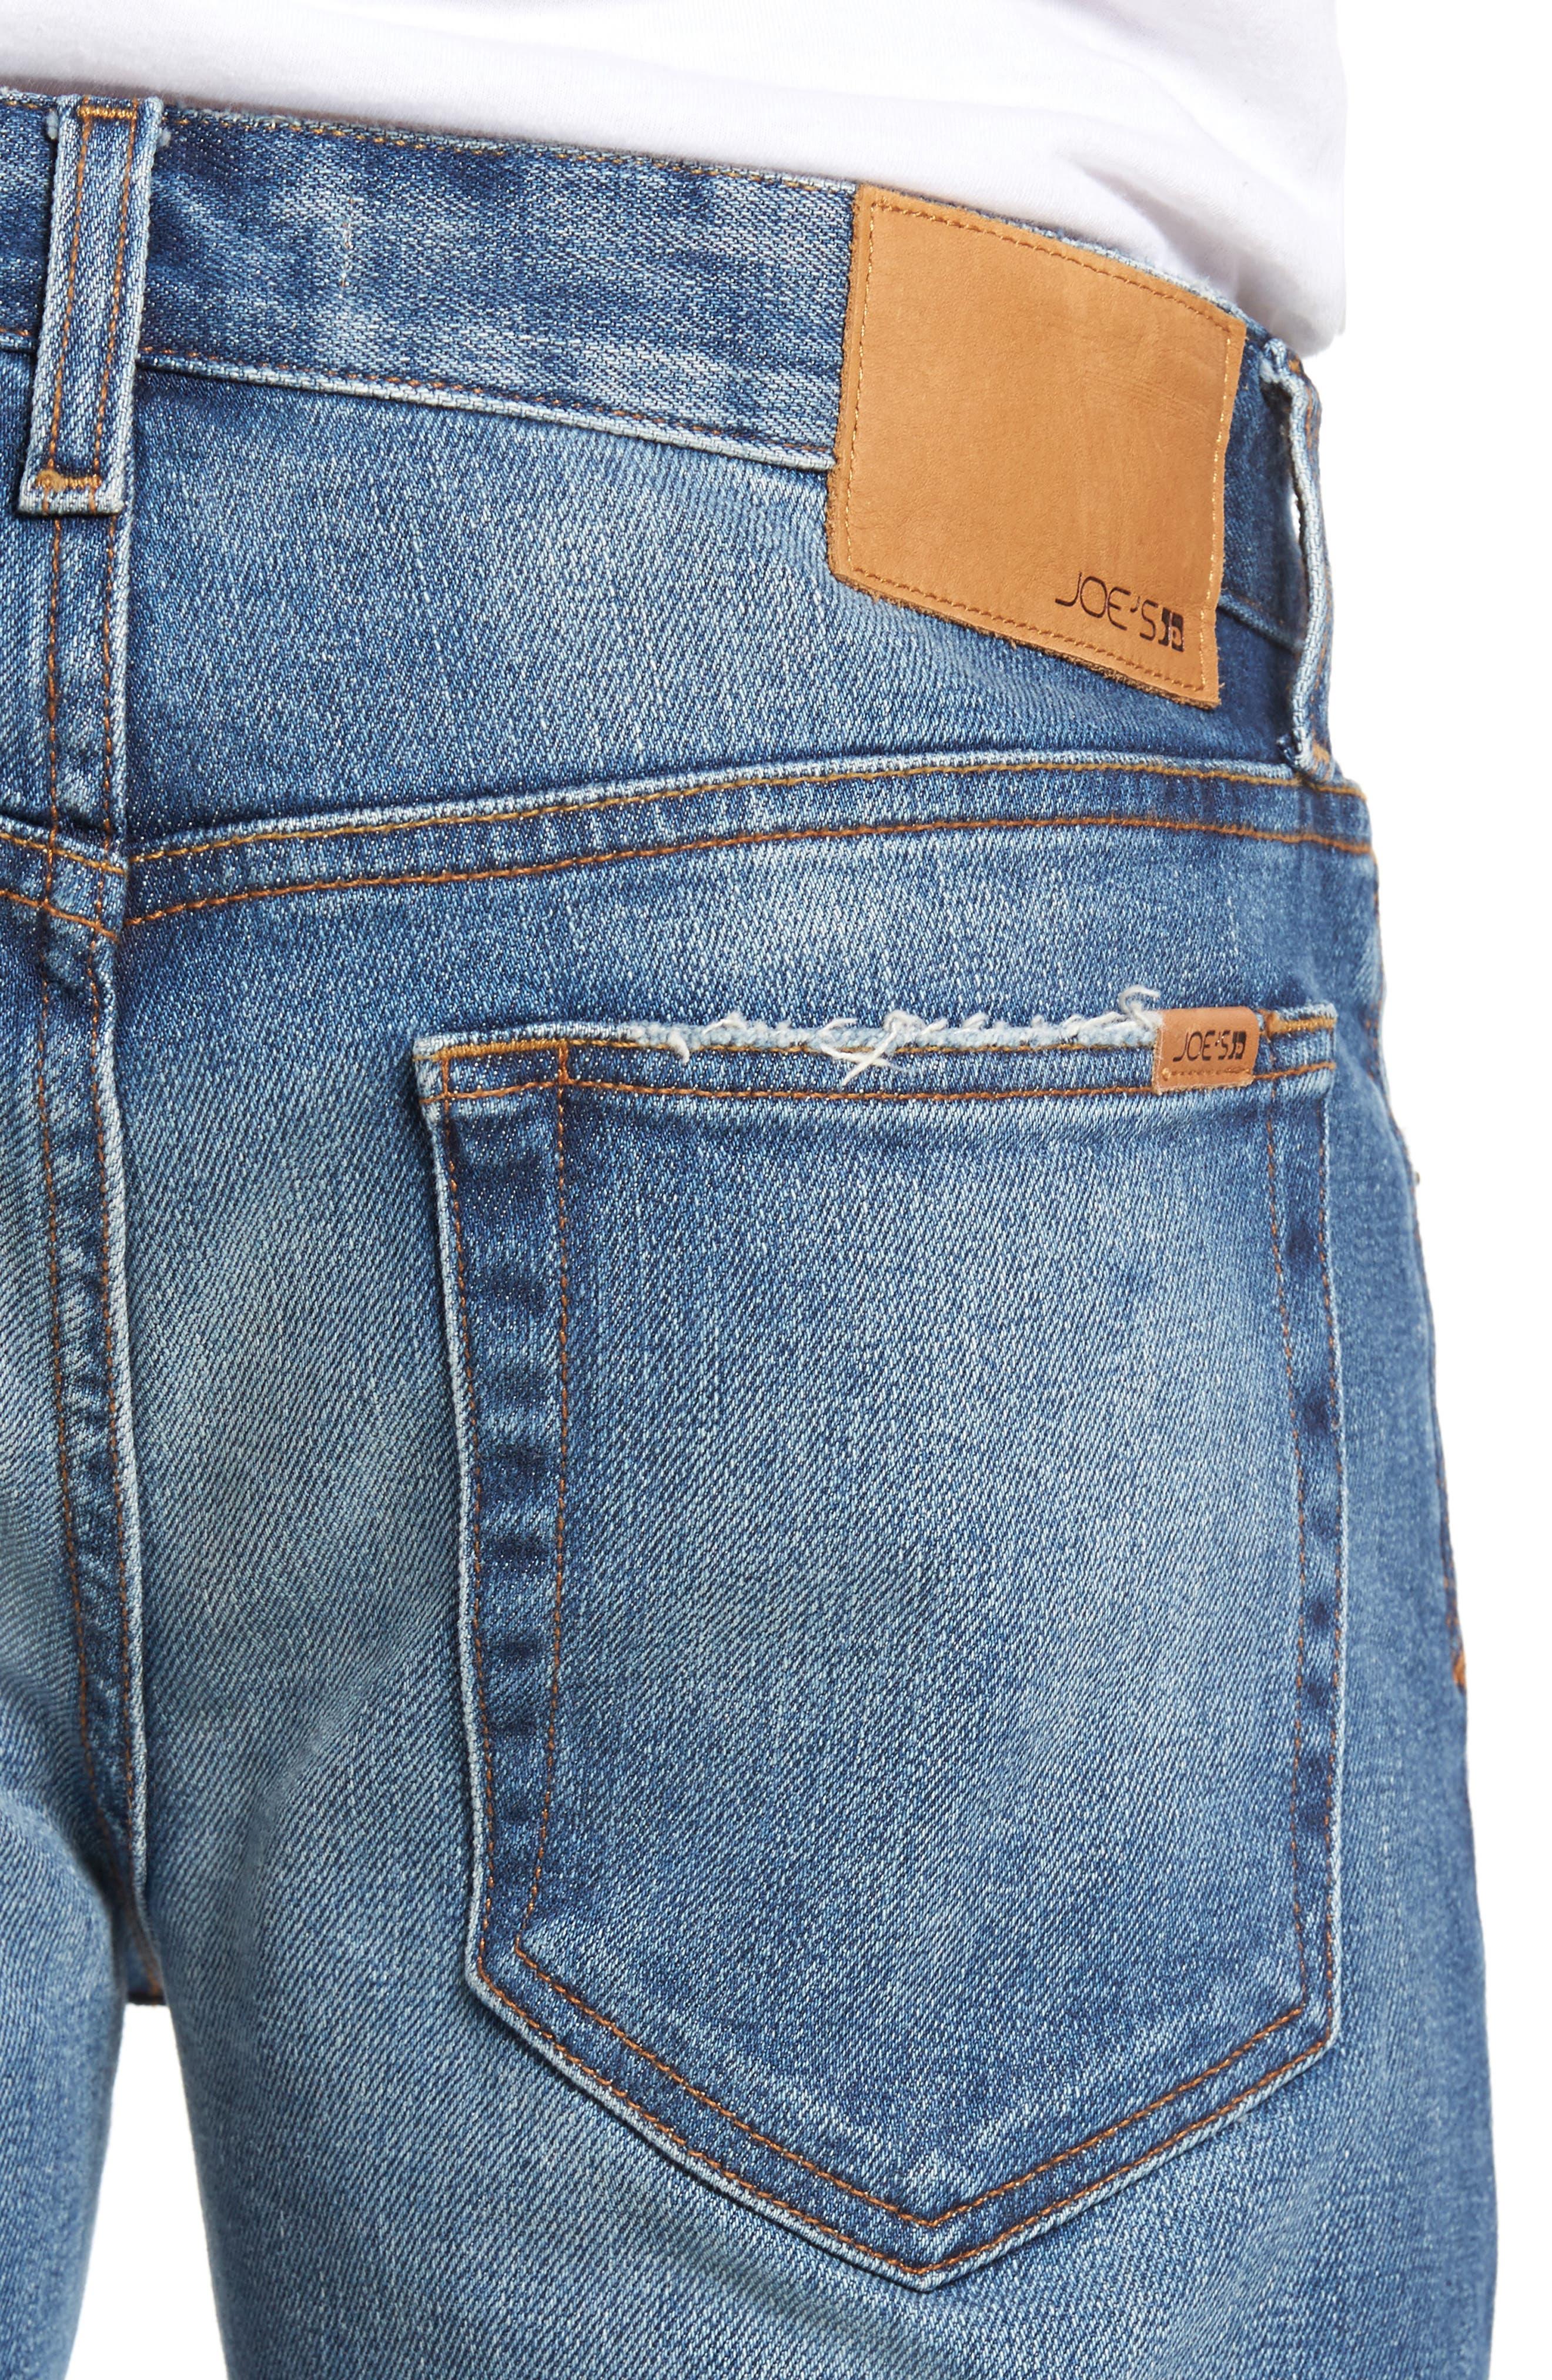 Brixton Slim Fit Jeans,                             Alternate thumbnail 4, color,                             410